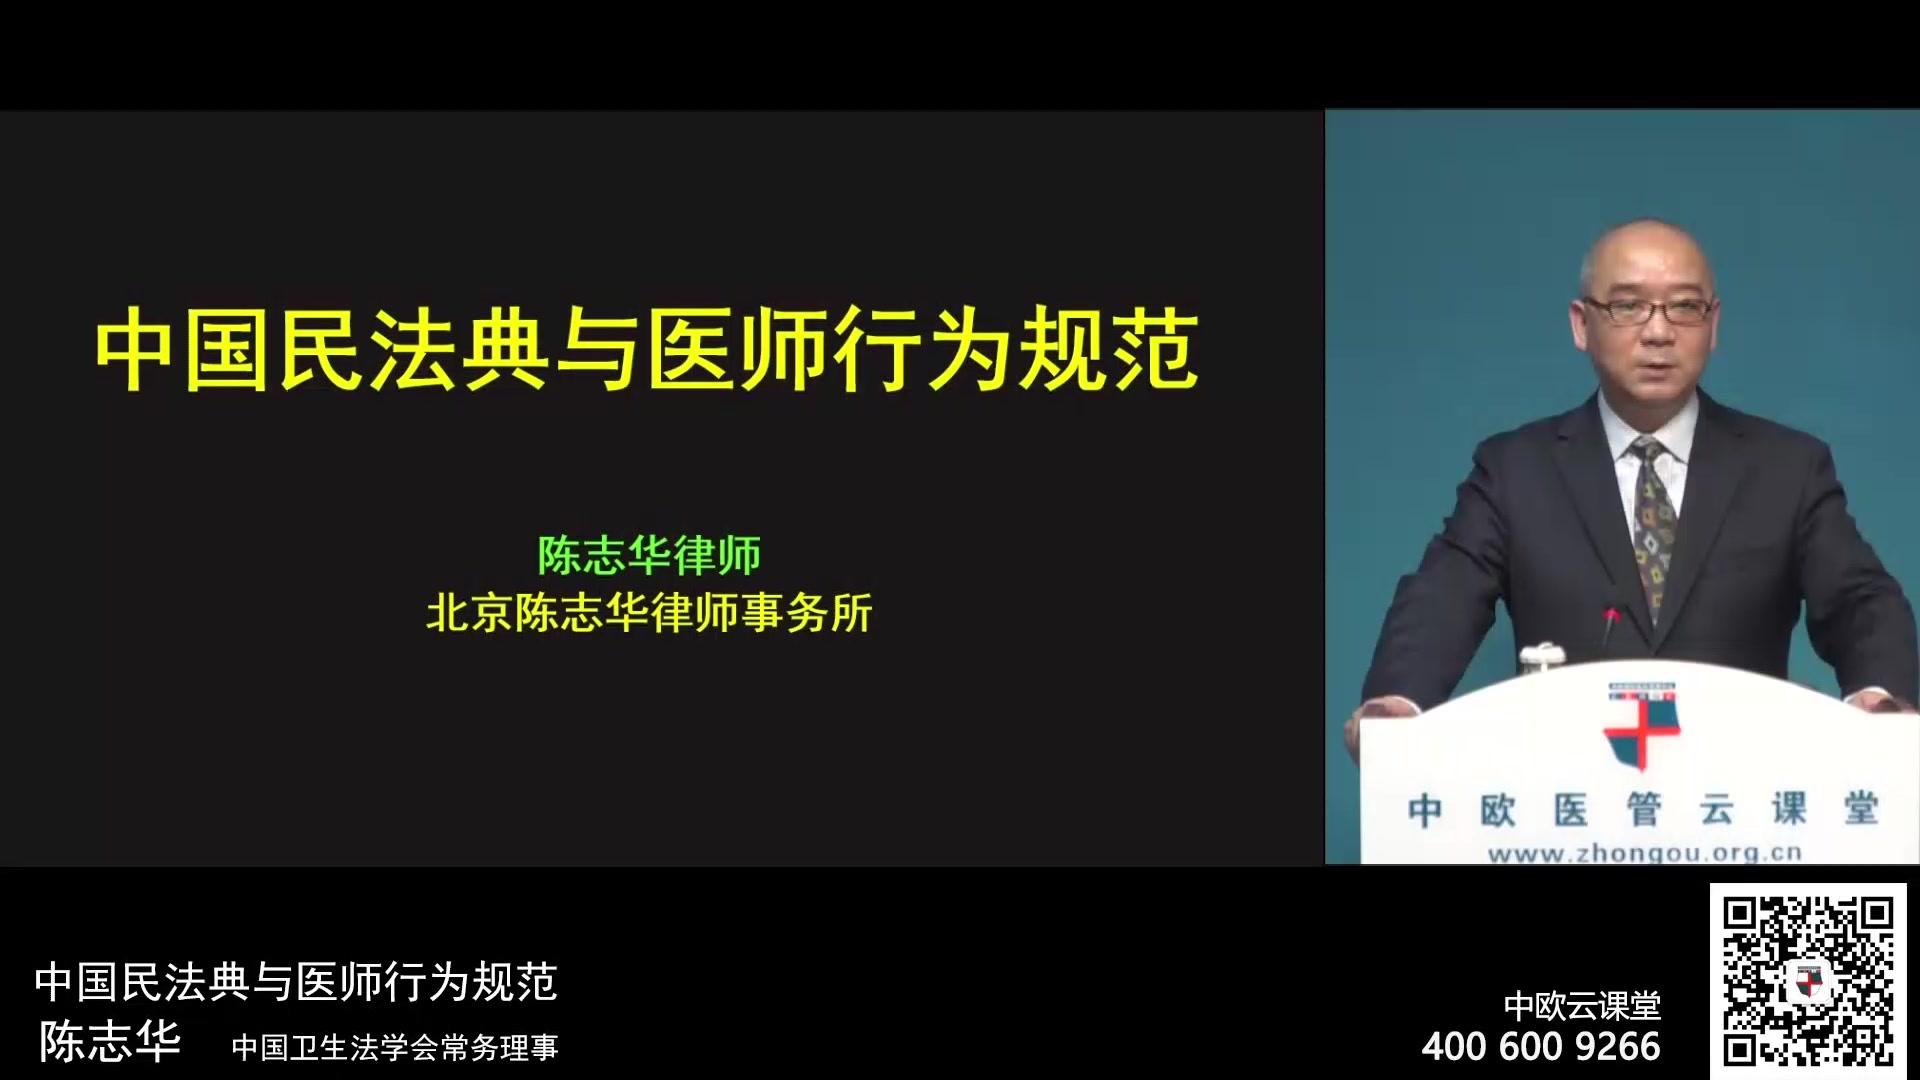 中国民法典与医师行为规范--陈志华